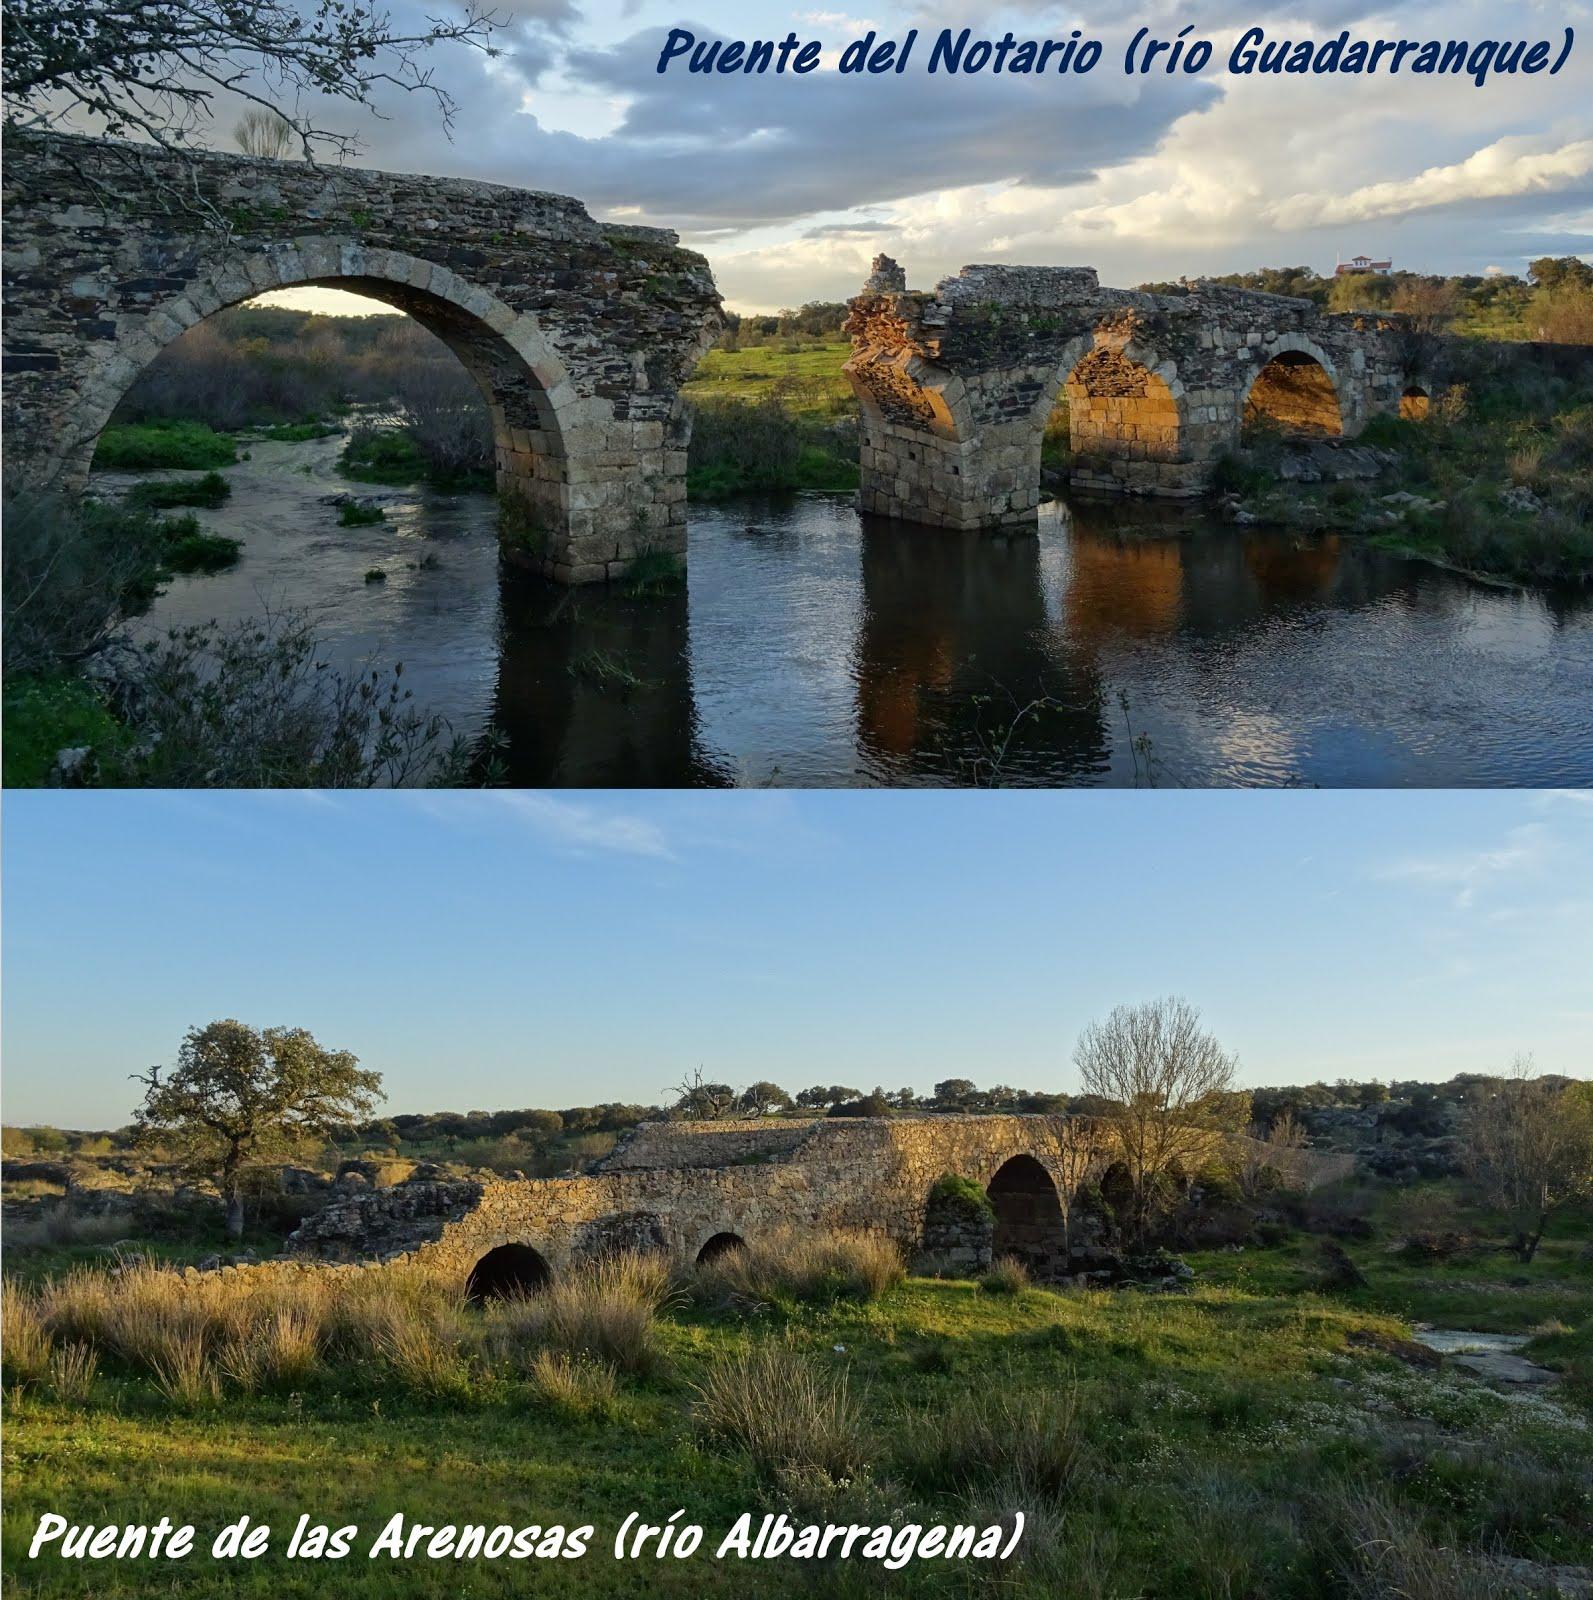 Puentes medievales del Notario y Arenosas, en las cercanías de Alburquerque